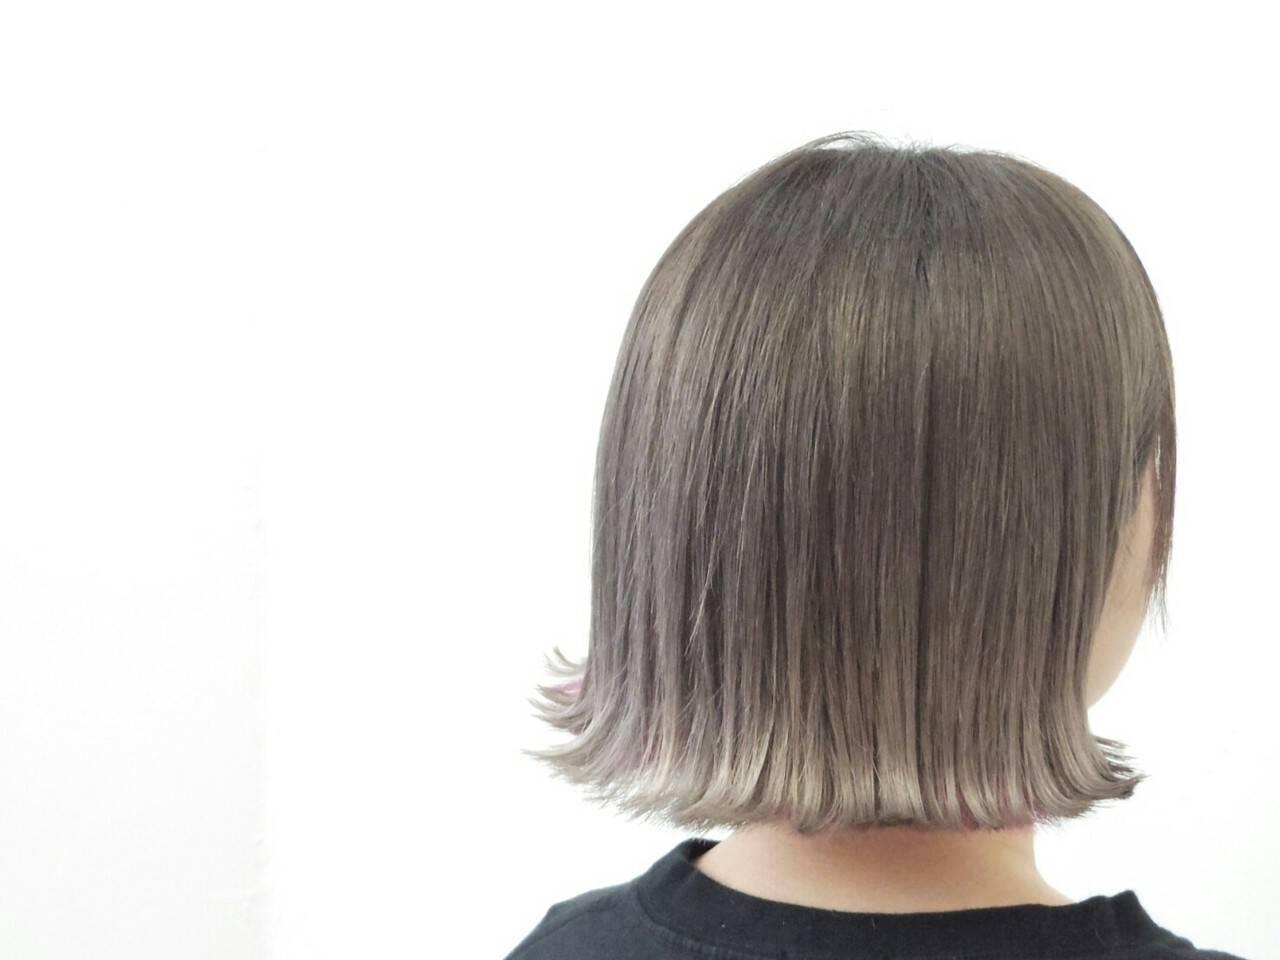 ストリート グレージュ ボブ 透明感ヘアスタイルや髪型の写真・画像